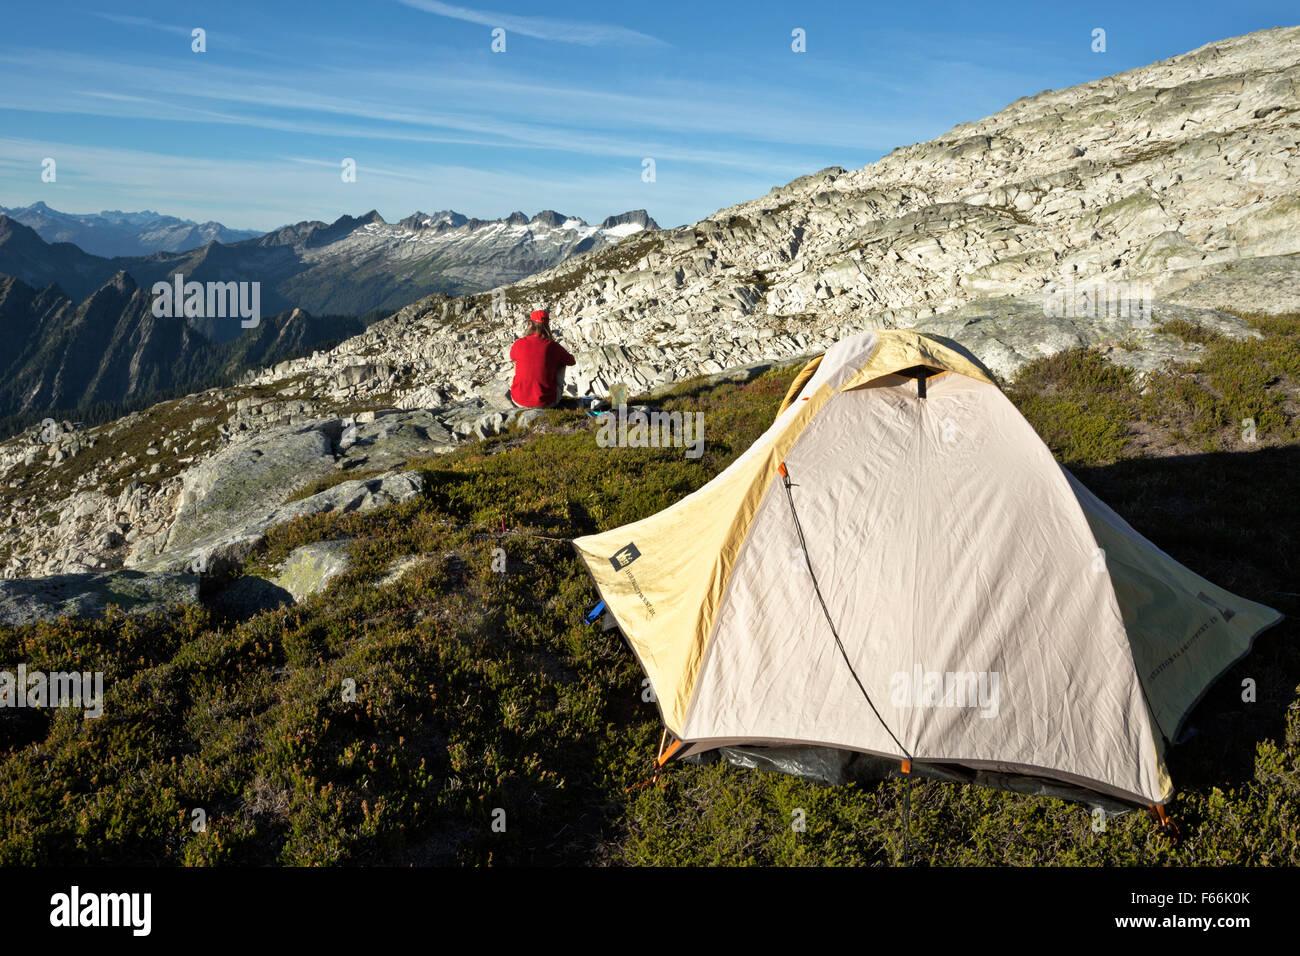 WASHINGTON - Campeggio sul lato del lago di nascosto i picchi in North Cascades porzione del monte Baker-Snoqualmie Immagini Stock